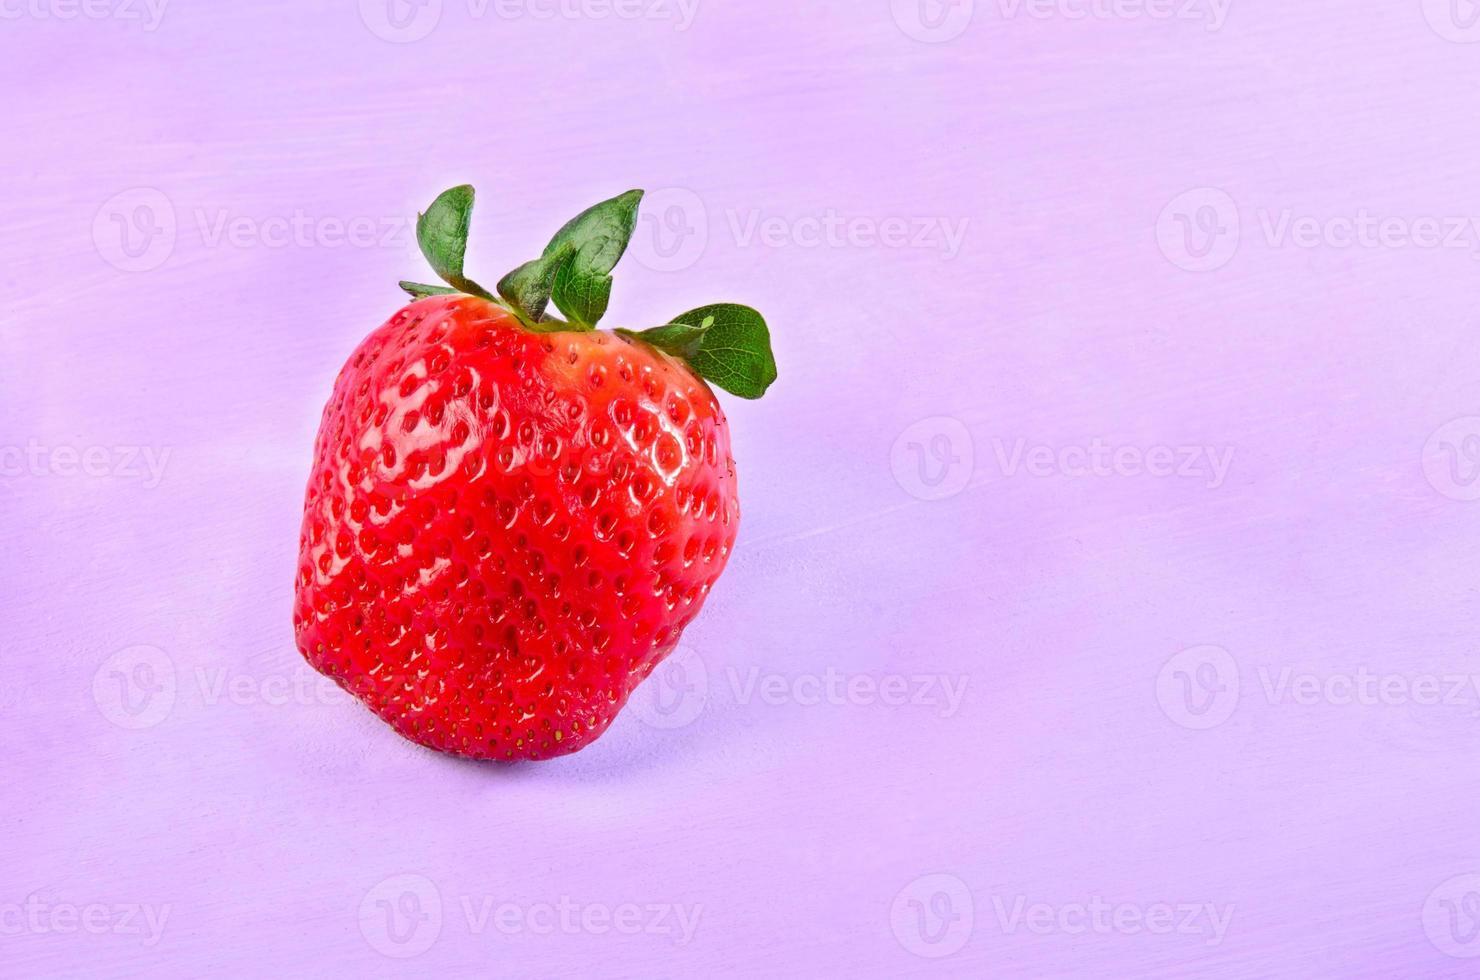 rijpe aardbeien op een paarse achtergrond met kopie ruimte foto